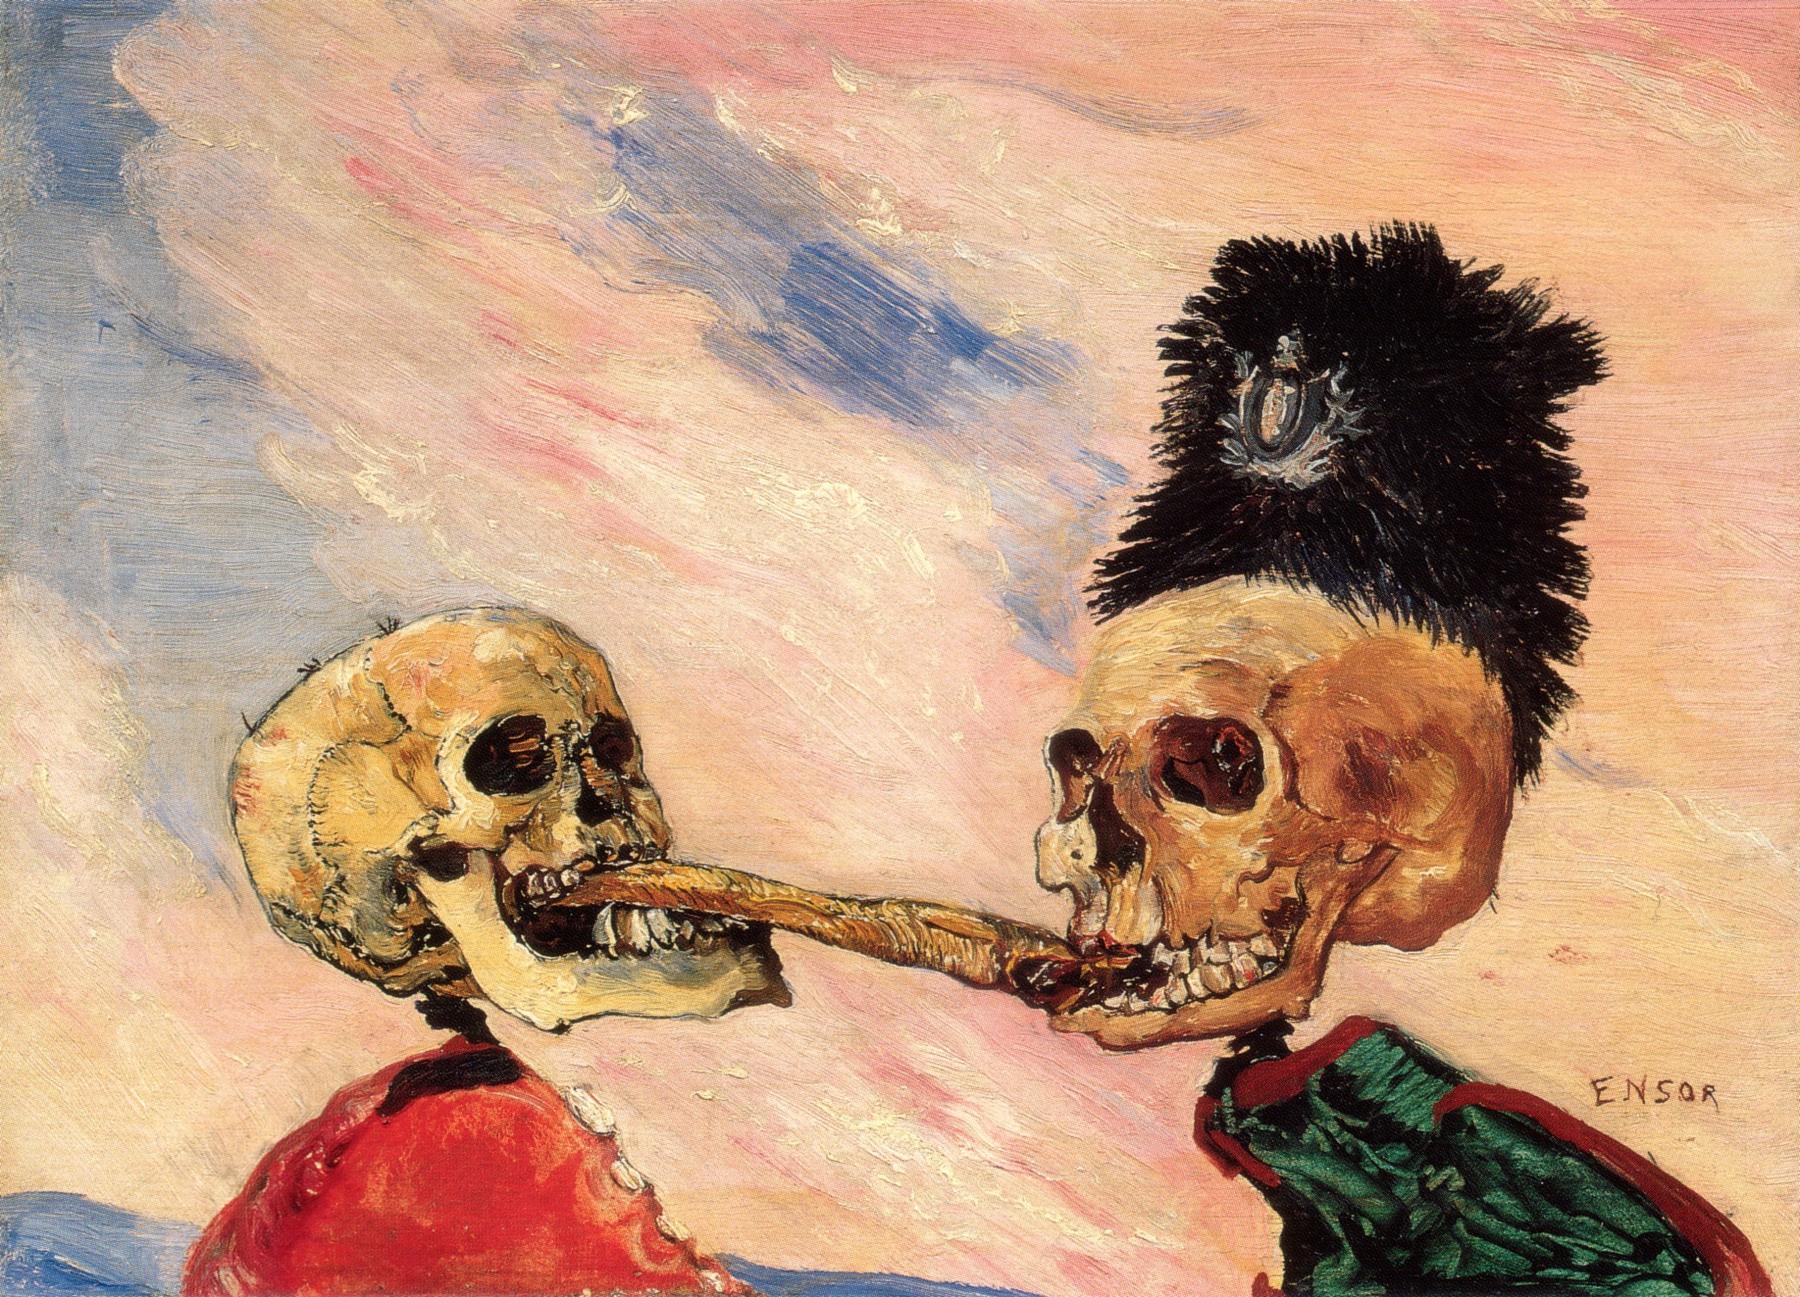 Скелеты сражаются за маринованную сельдь